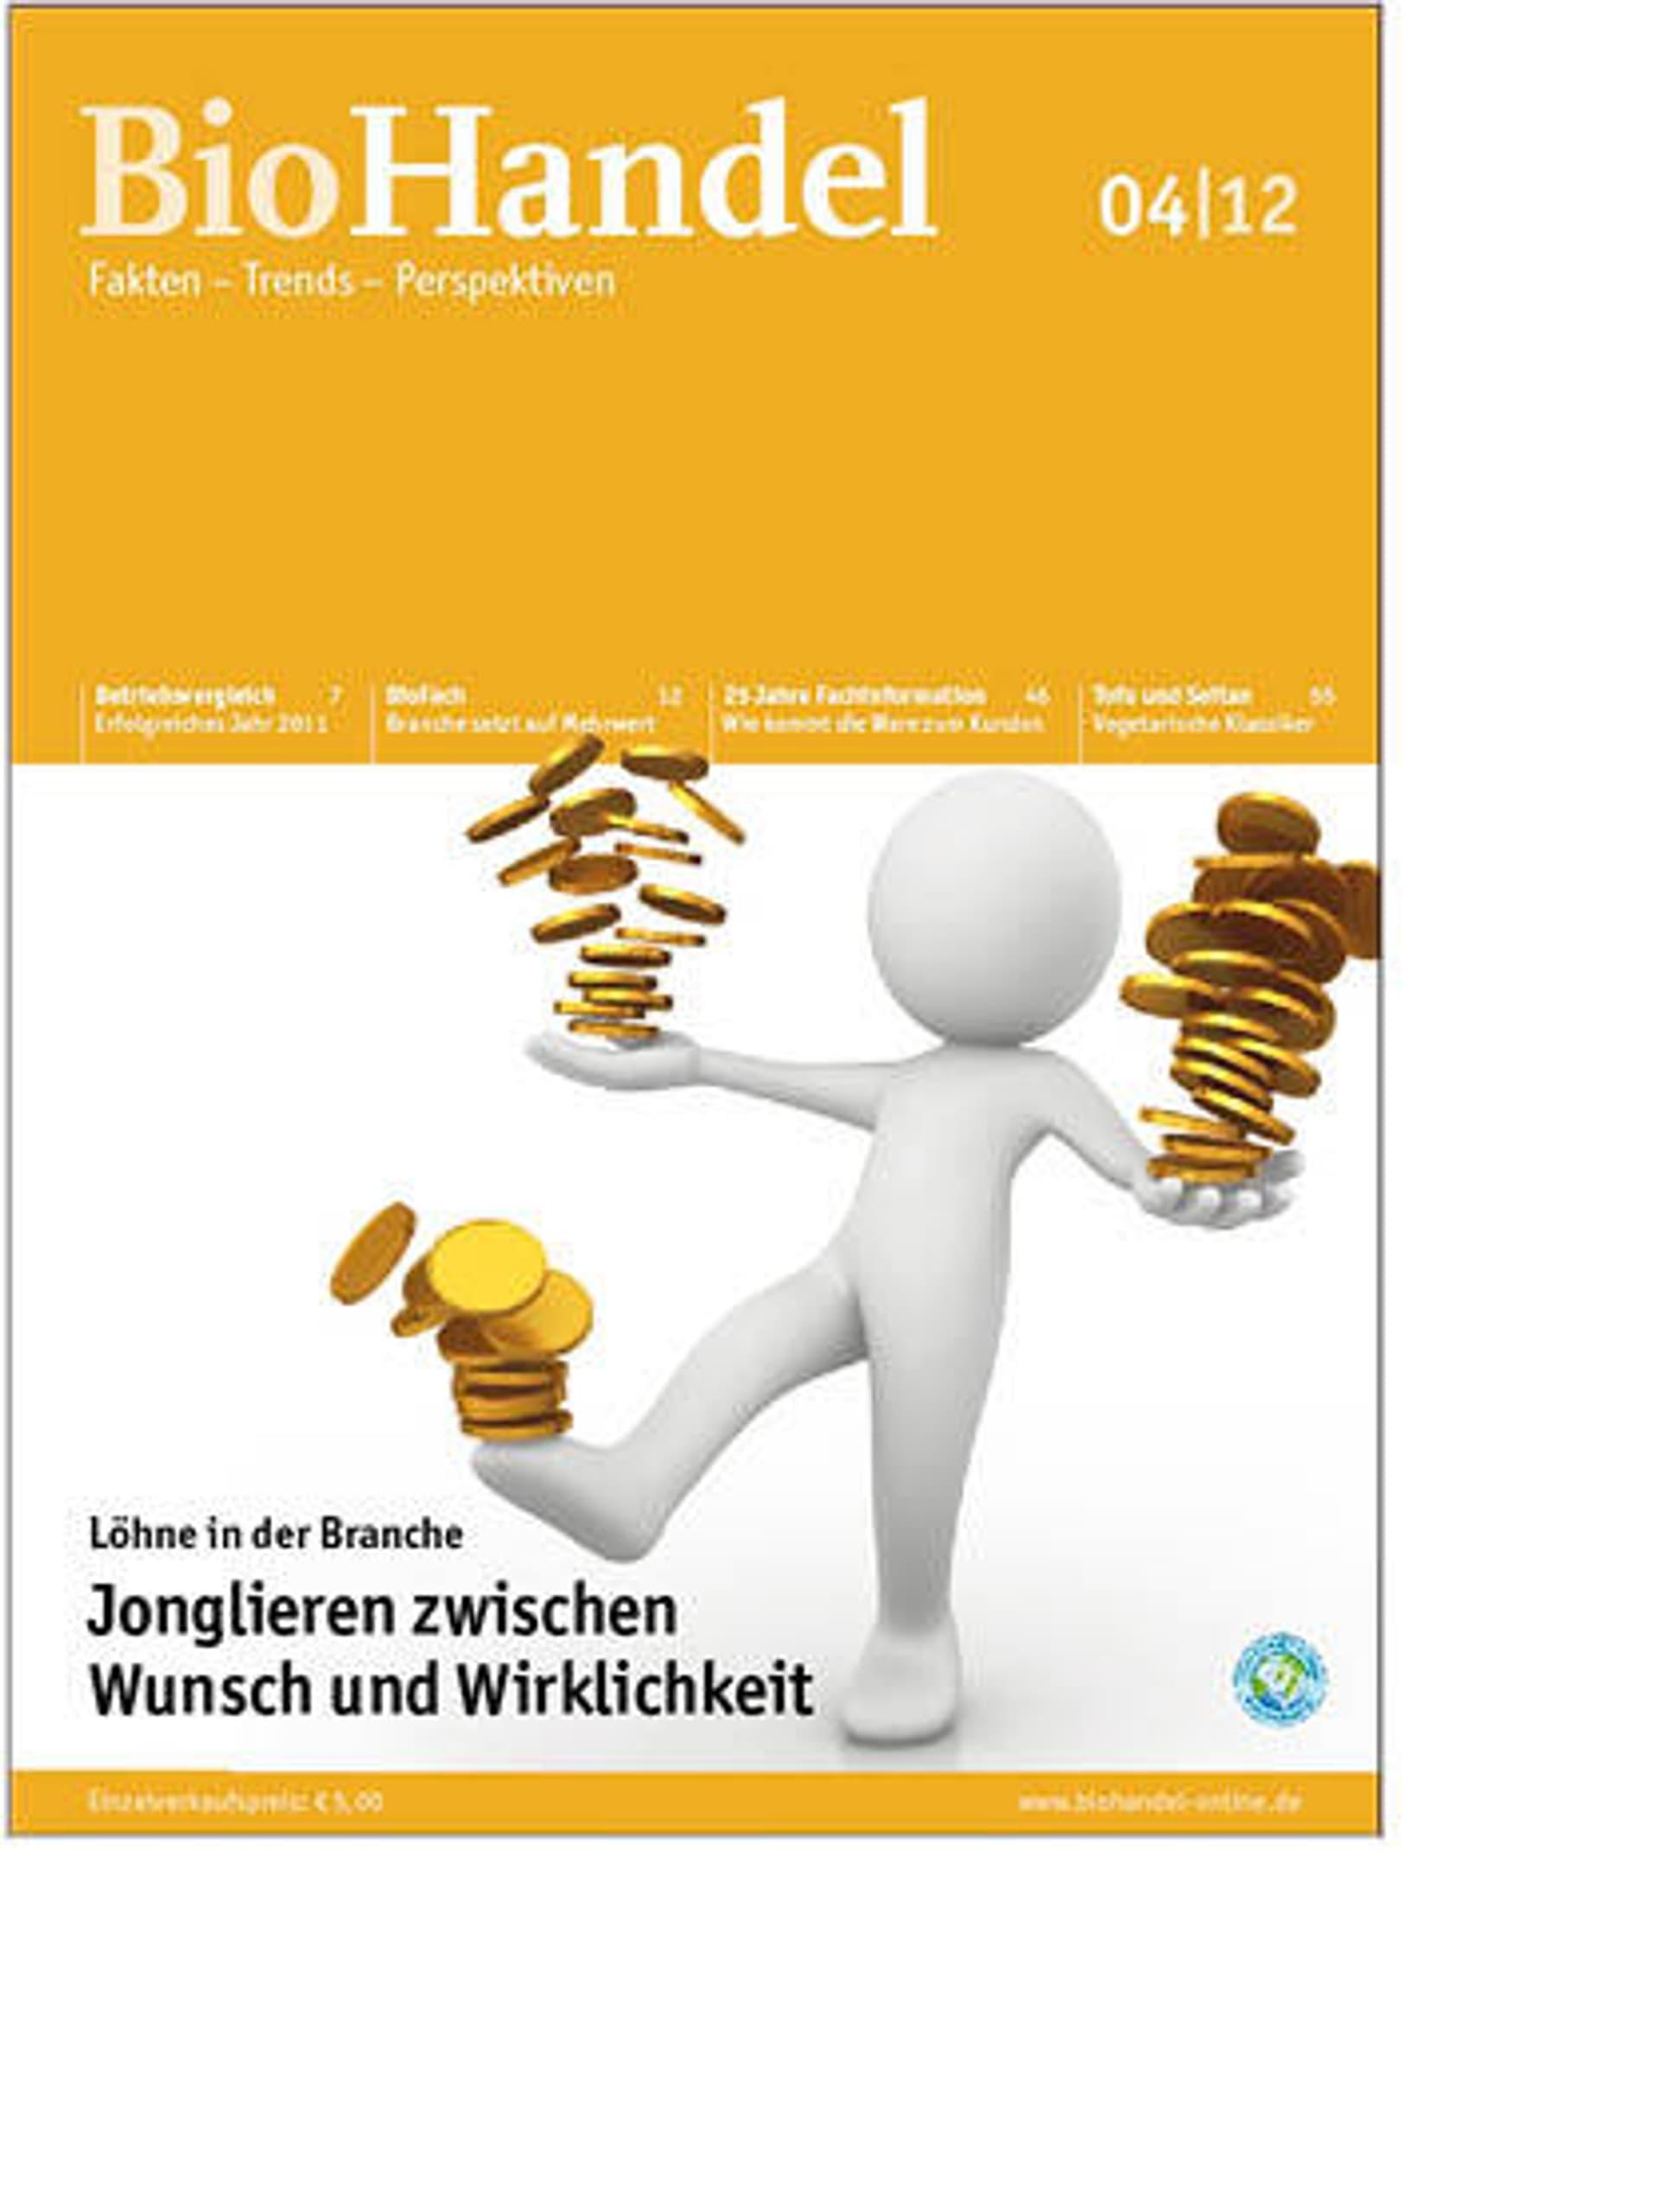 BioHandel April 2012